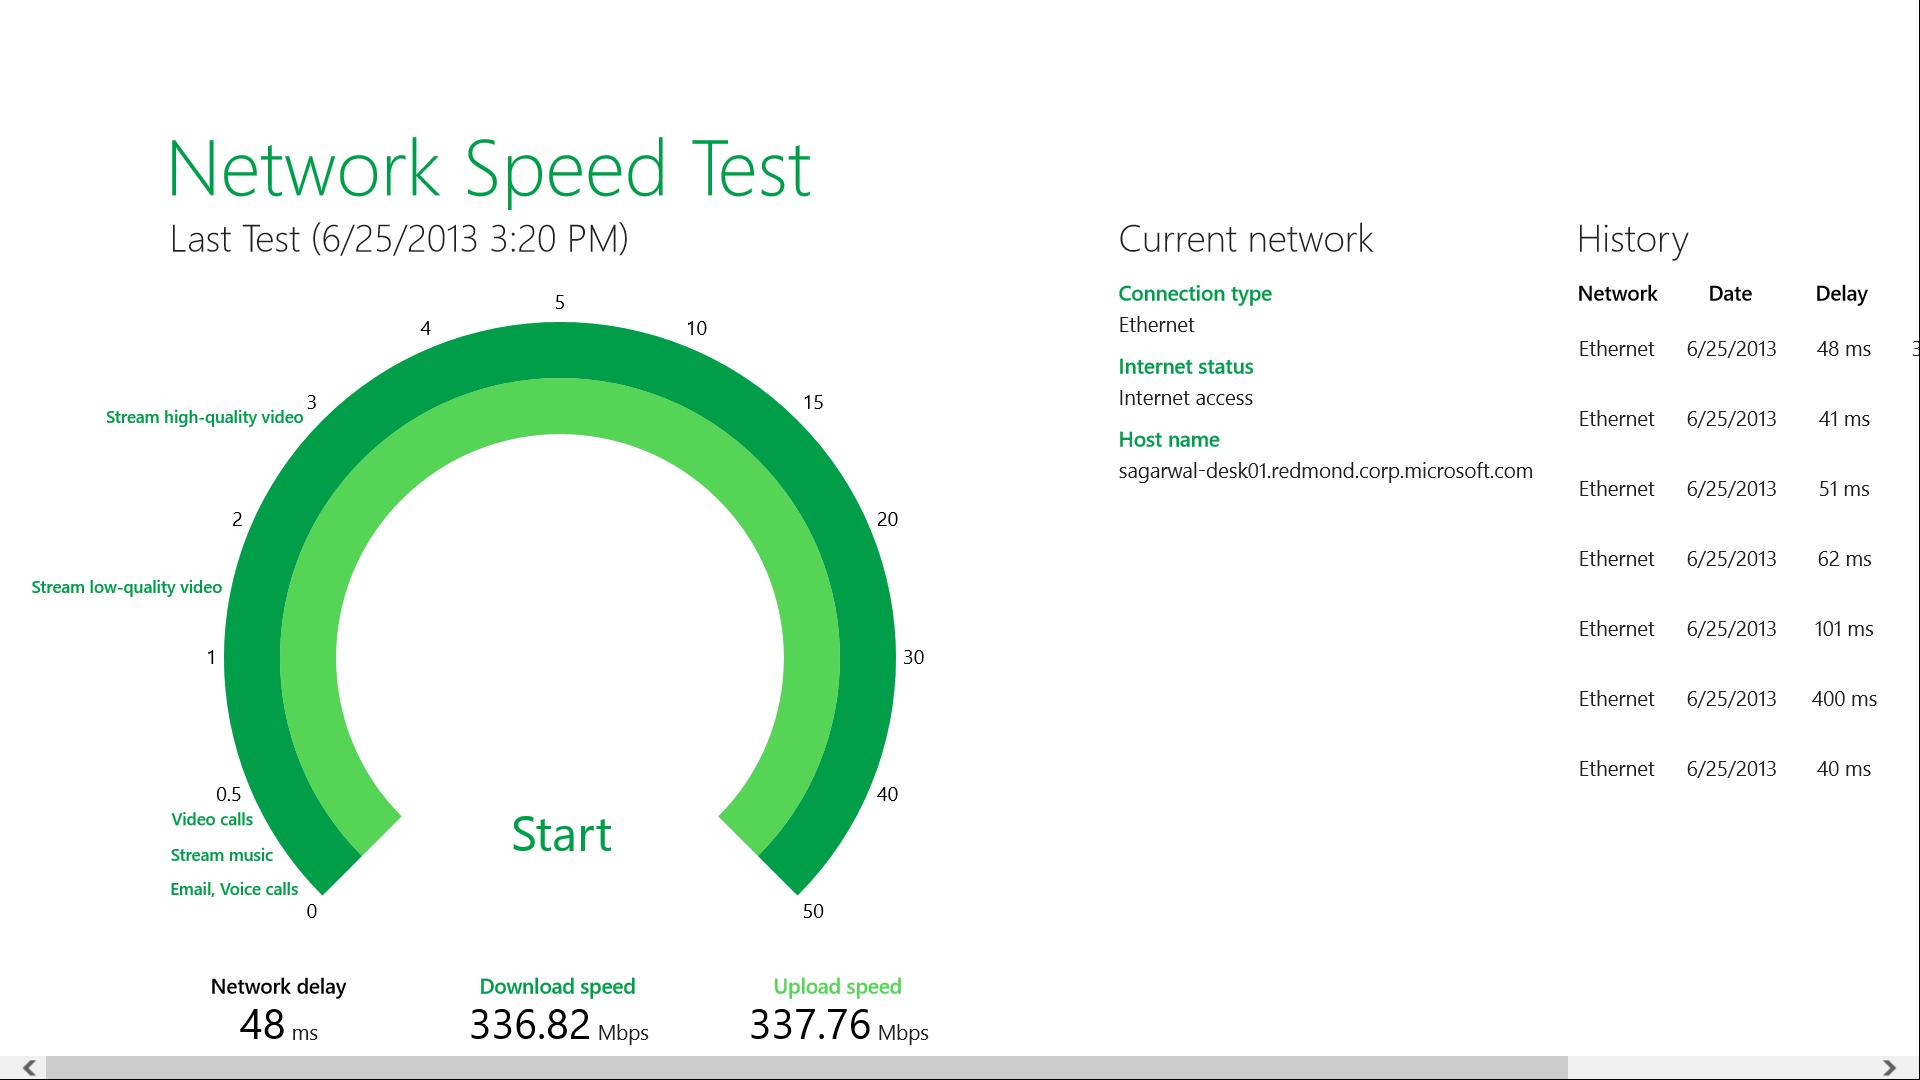 Network Speed Test